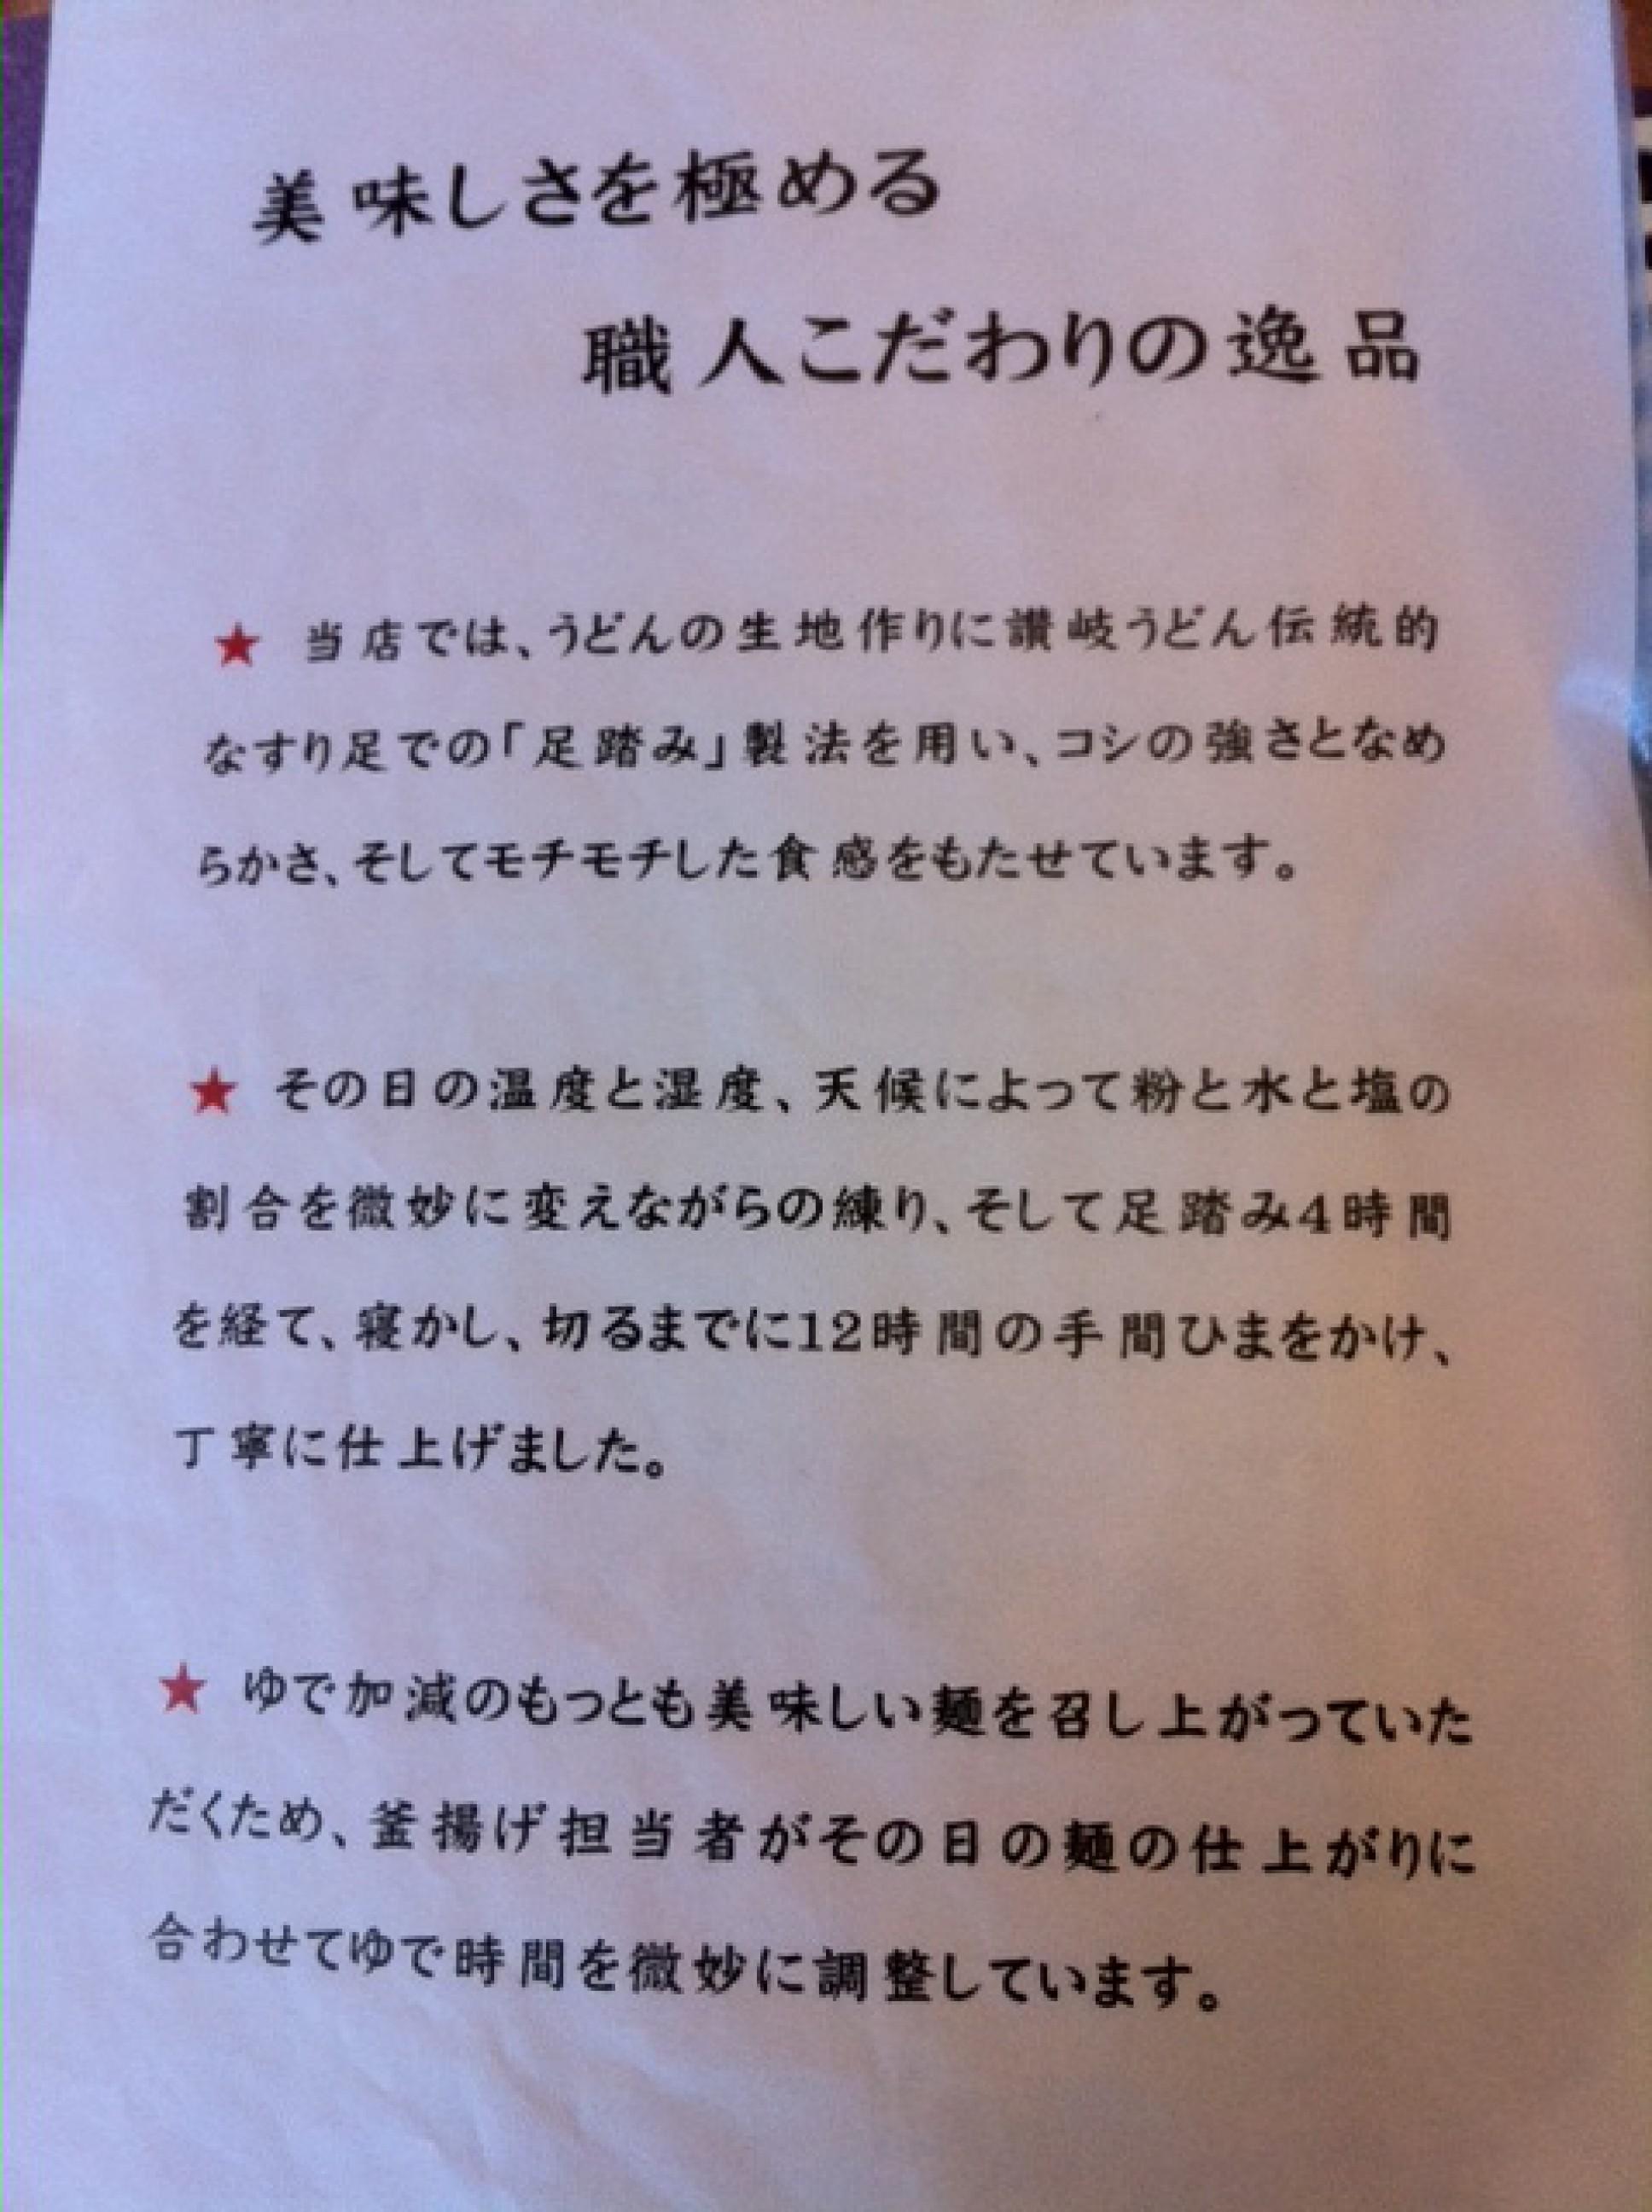 moblog_037d9617.jpg